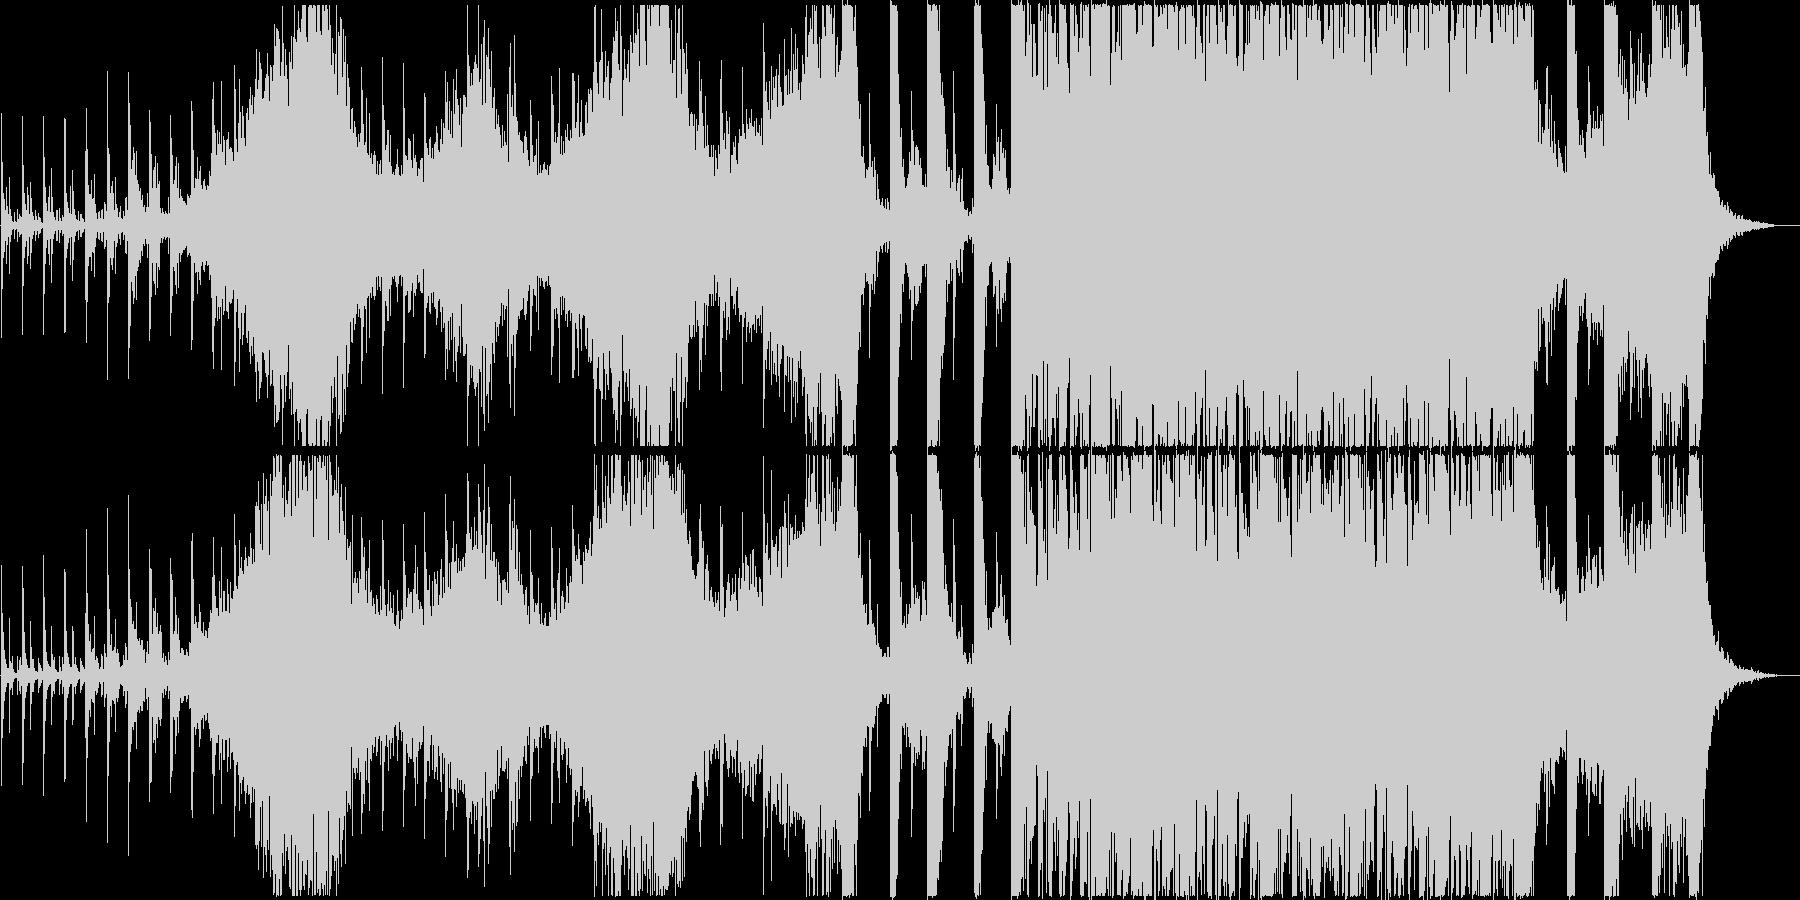 危険な何かが登場しつつあるイメージの未再生の波形